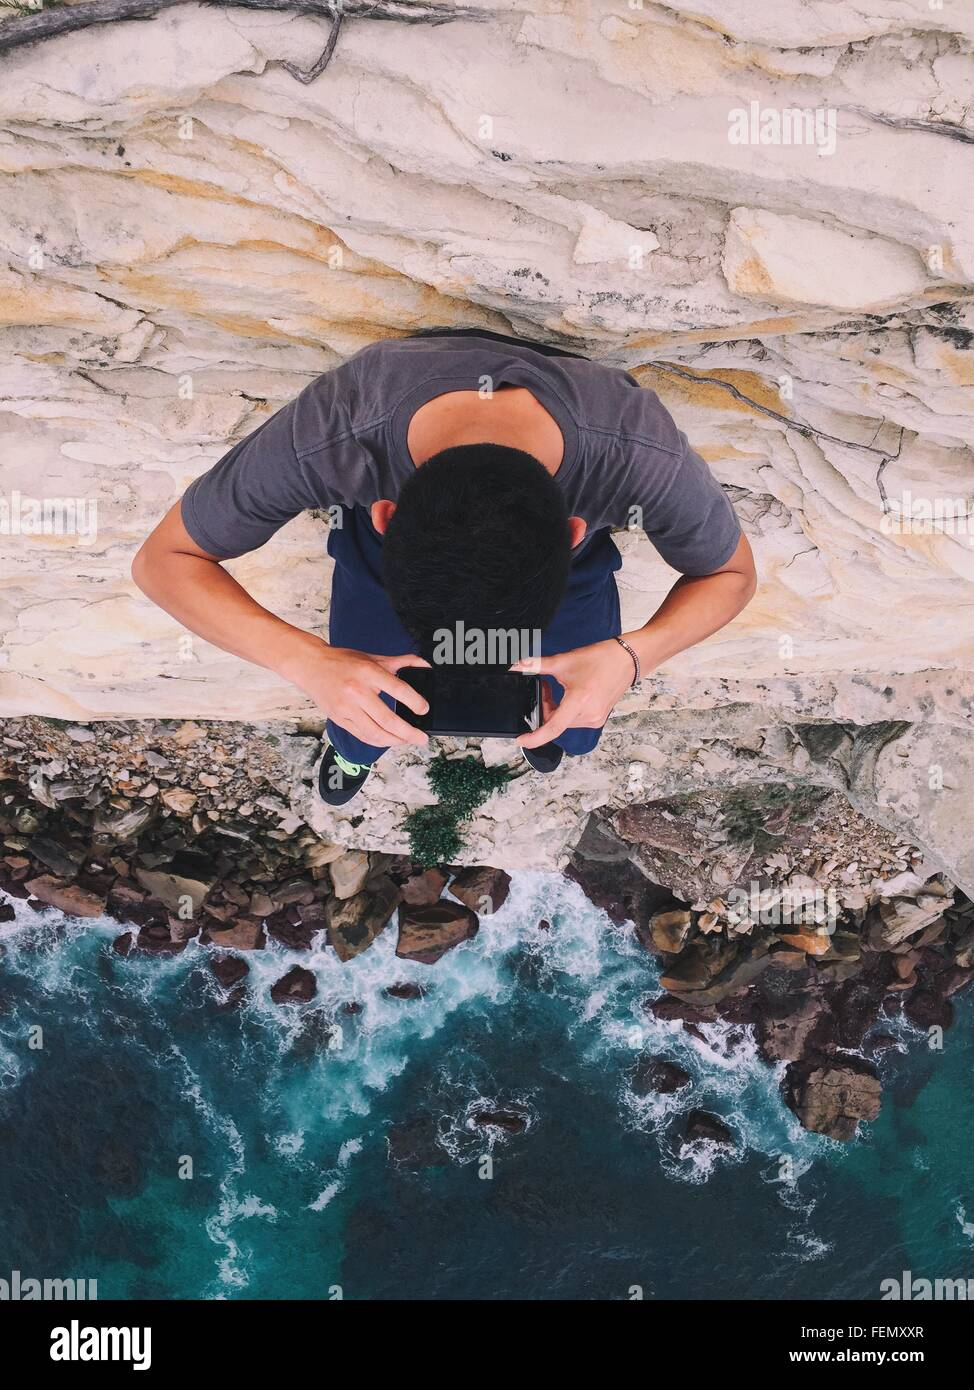 Un alto ángulo de visión del hombre fotografiando mar Imagen De Stock